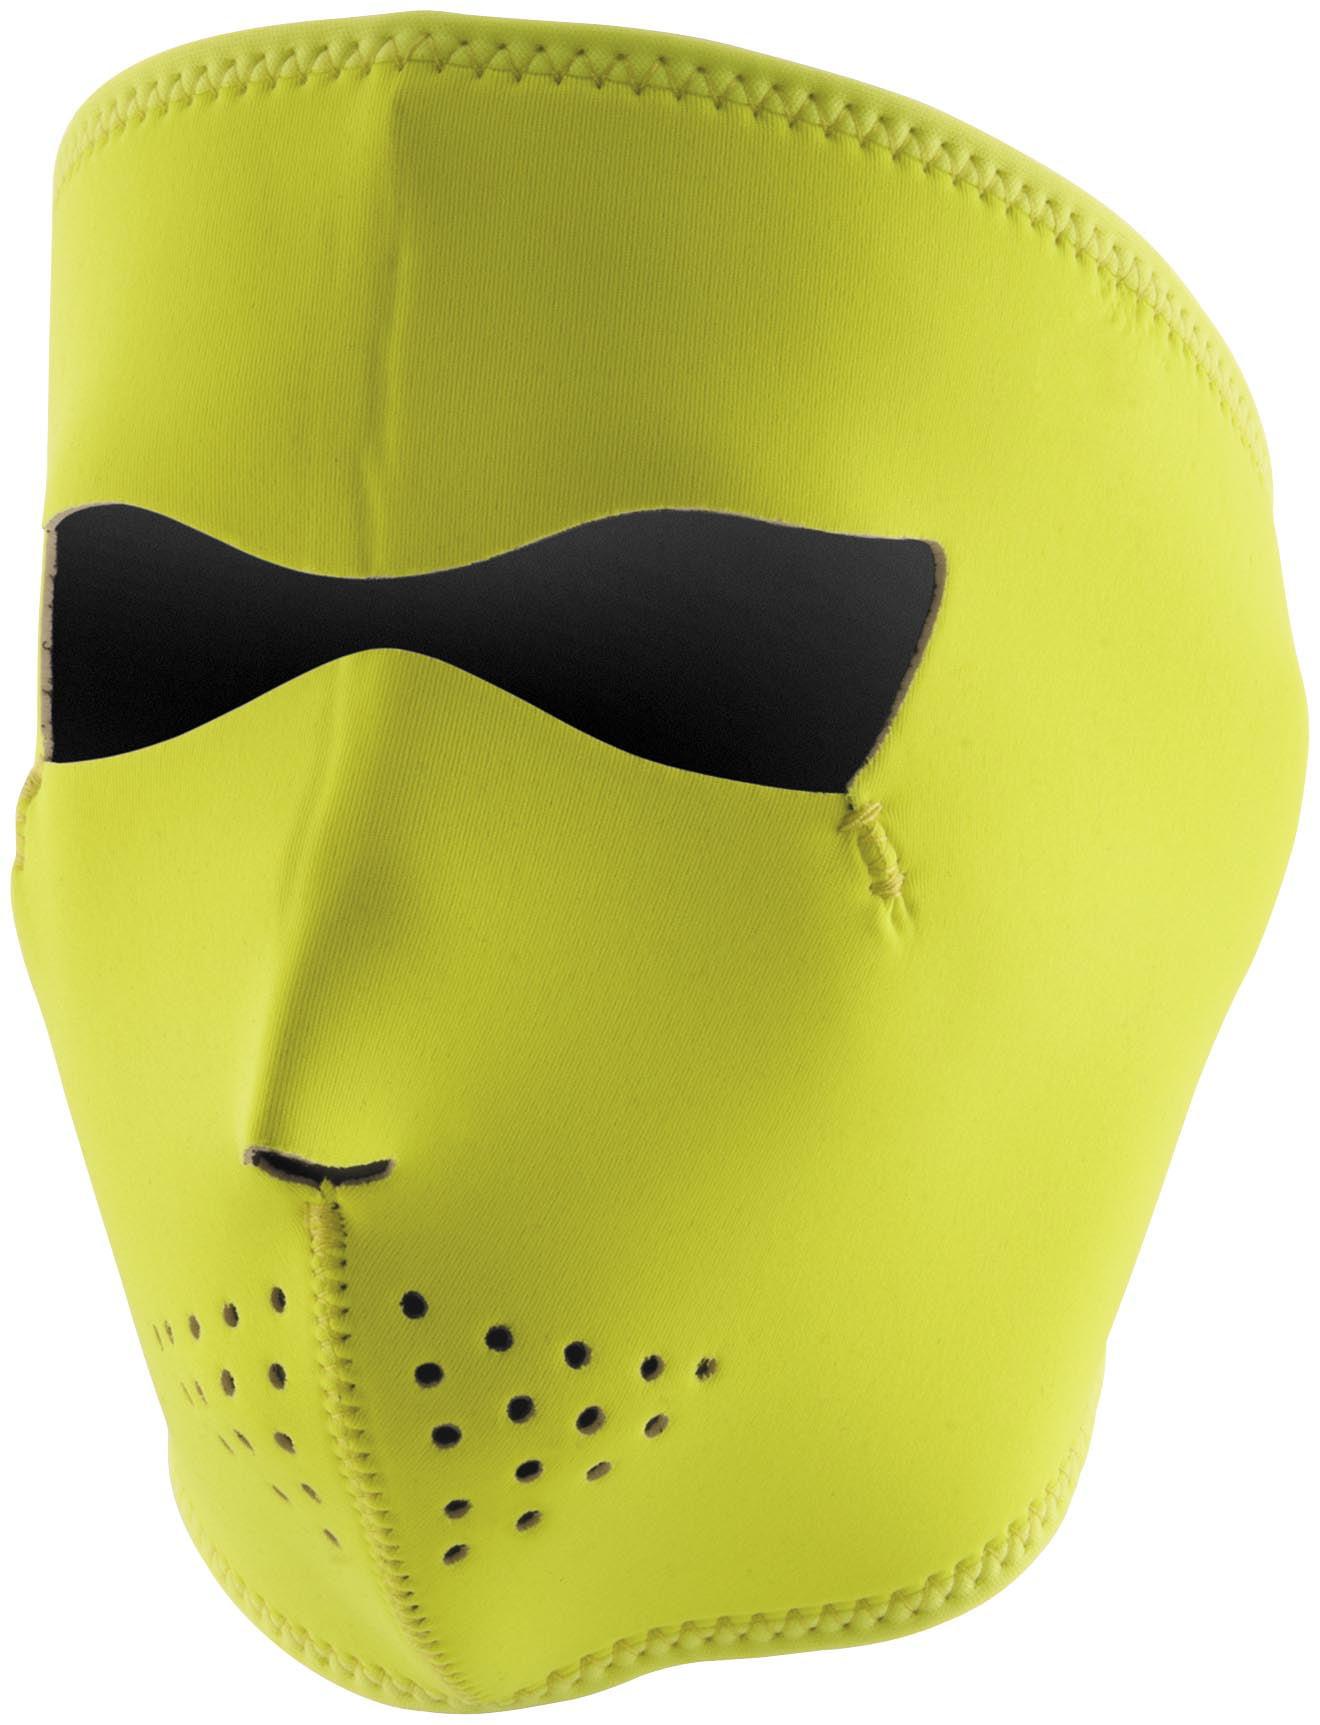 Zan Headgear Full Face Mask Hi-Vis Lime (Yellow, OSFM) by Zan Headgear